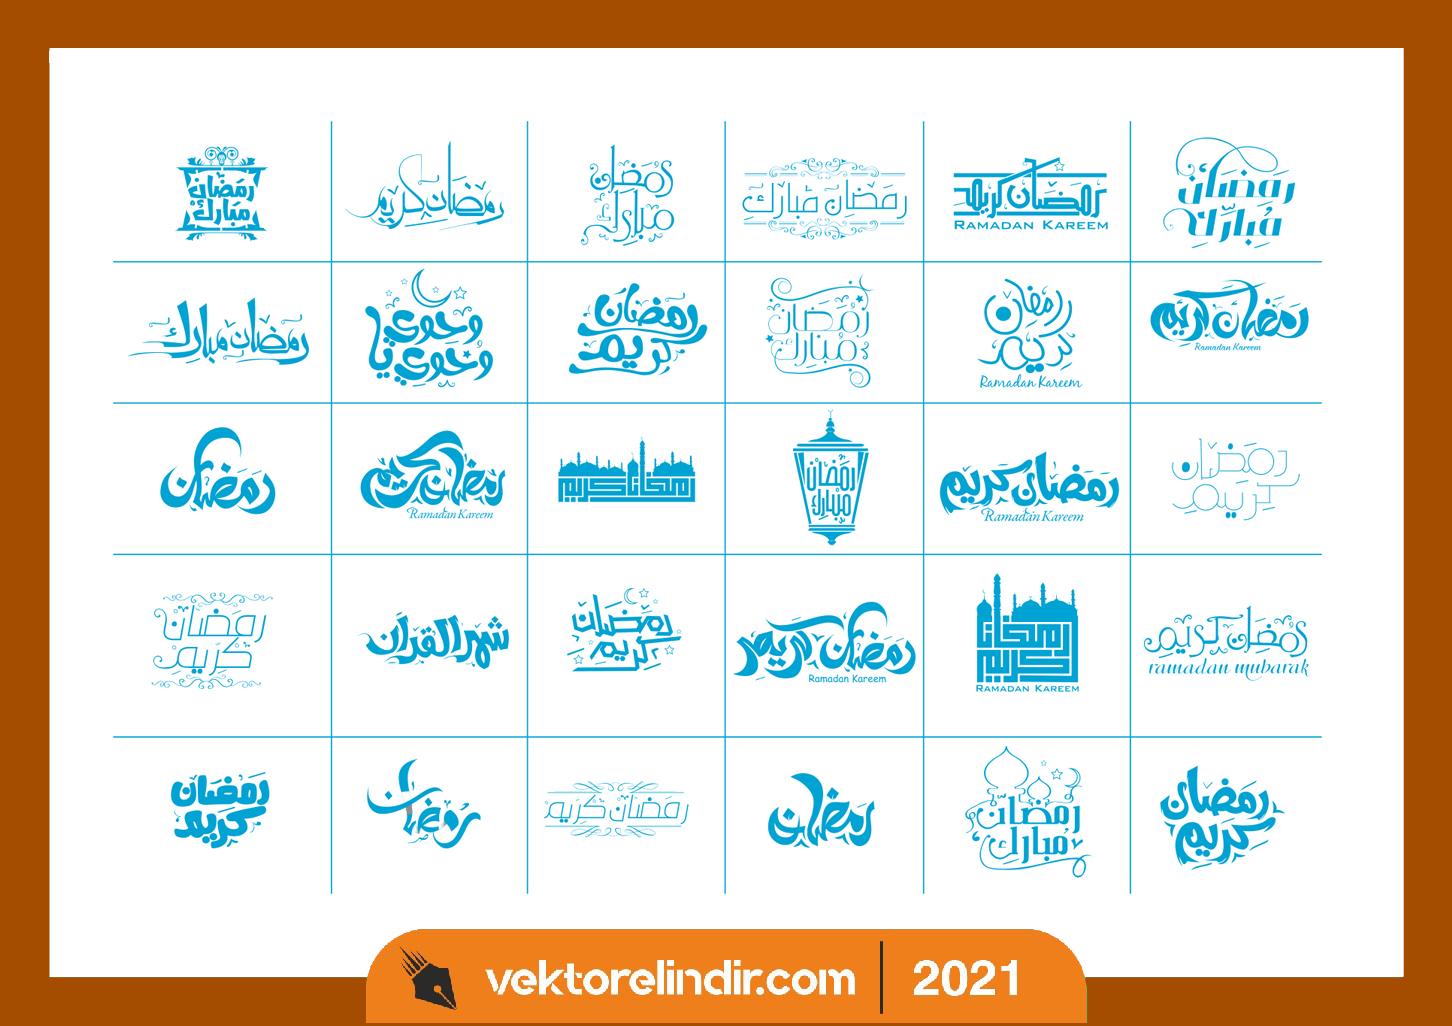 ramazan-islami-kelam-arapca-vektor